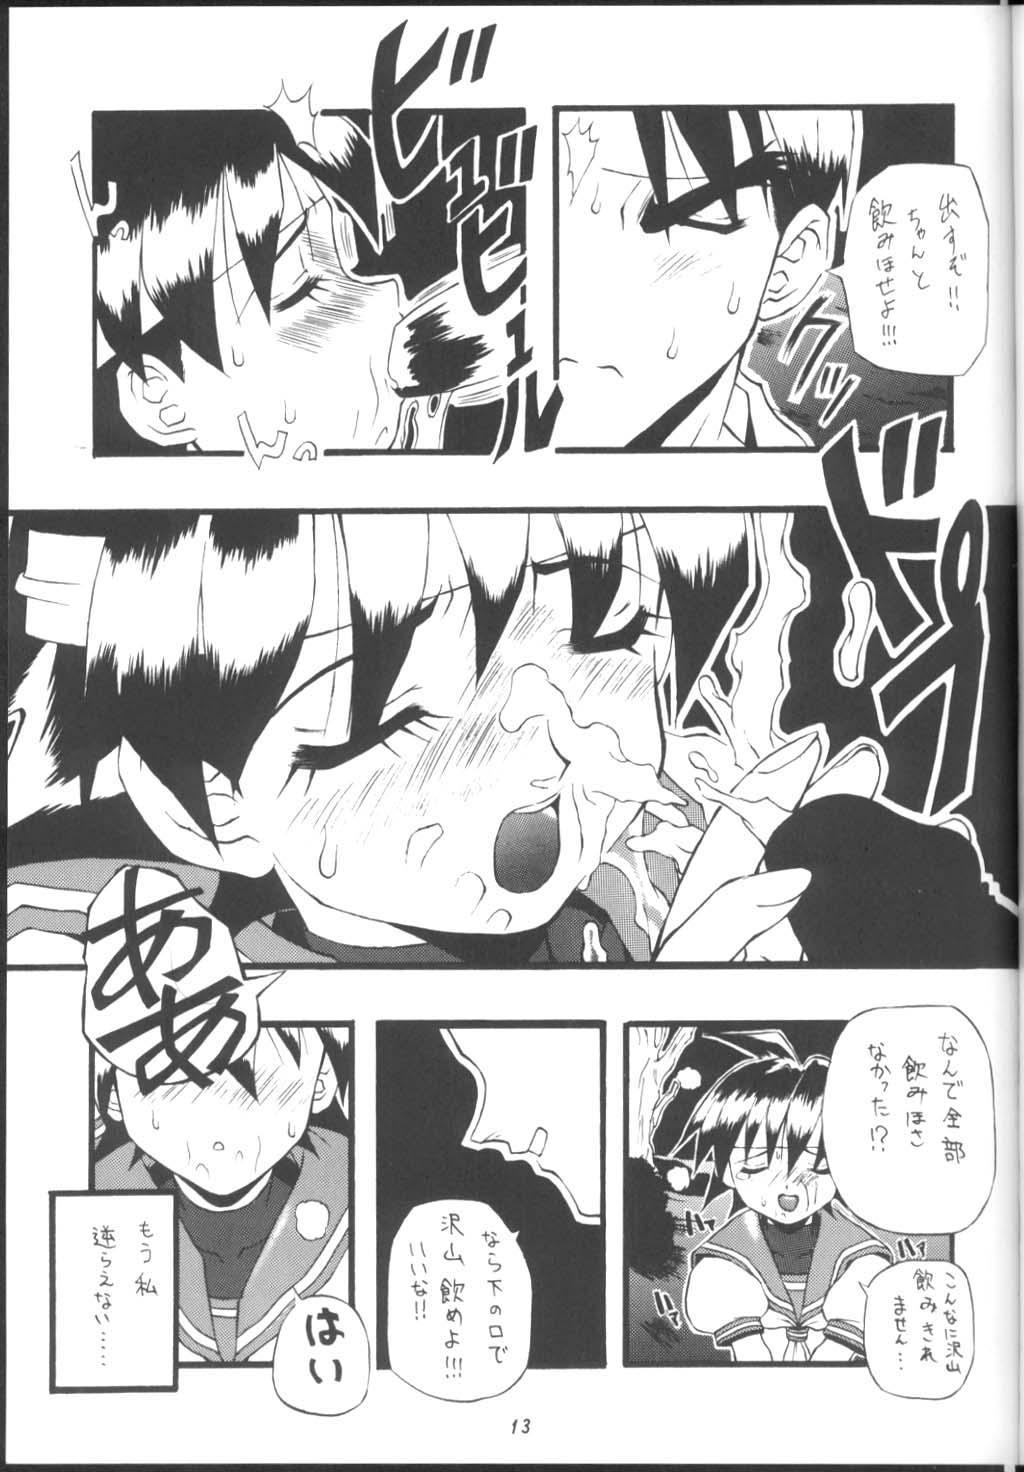 PON-MENOKO Ni Seijinban 11